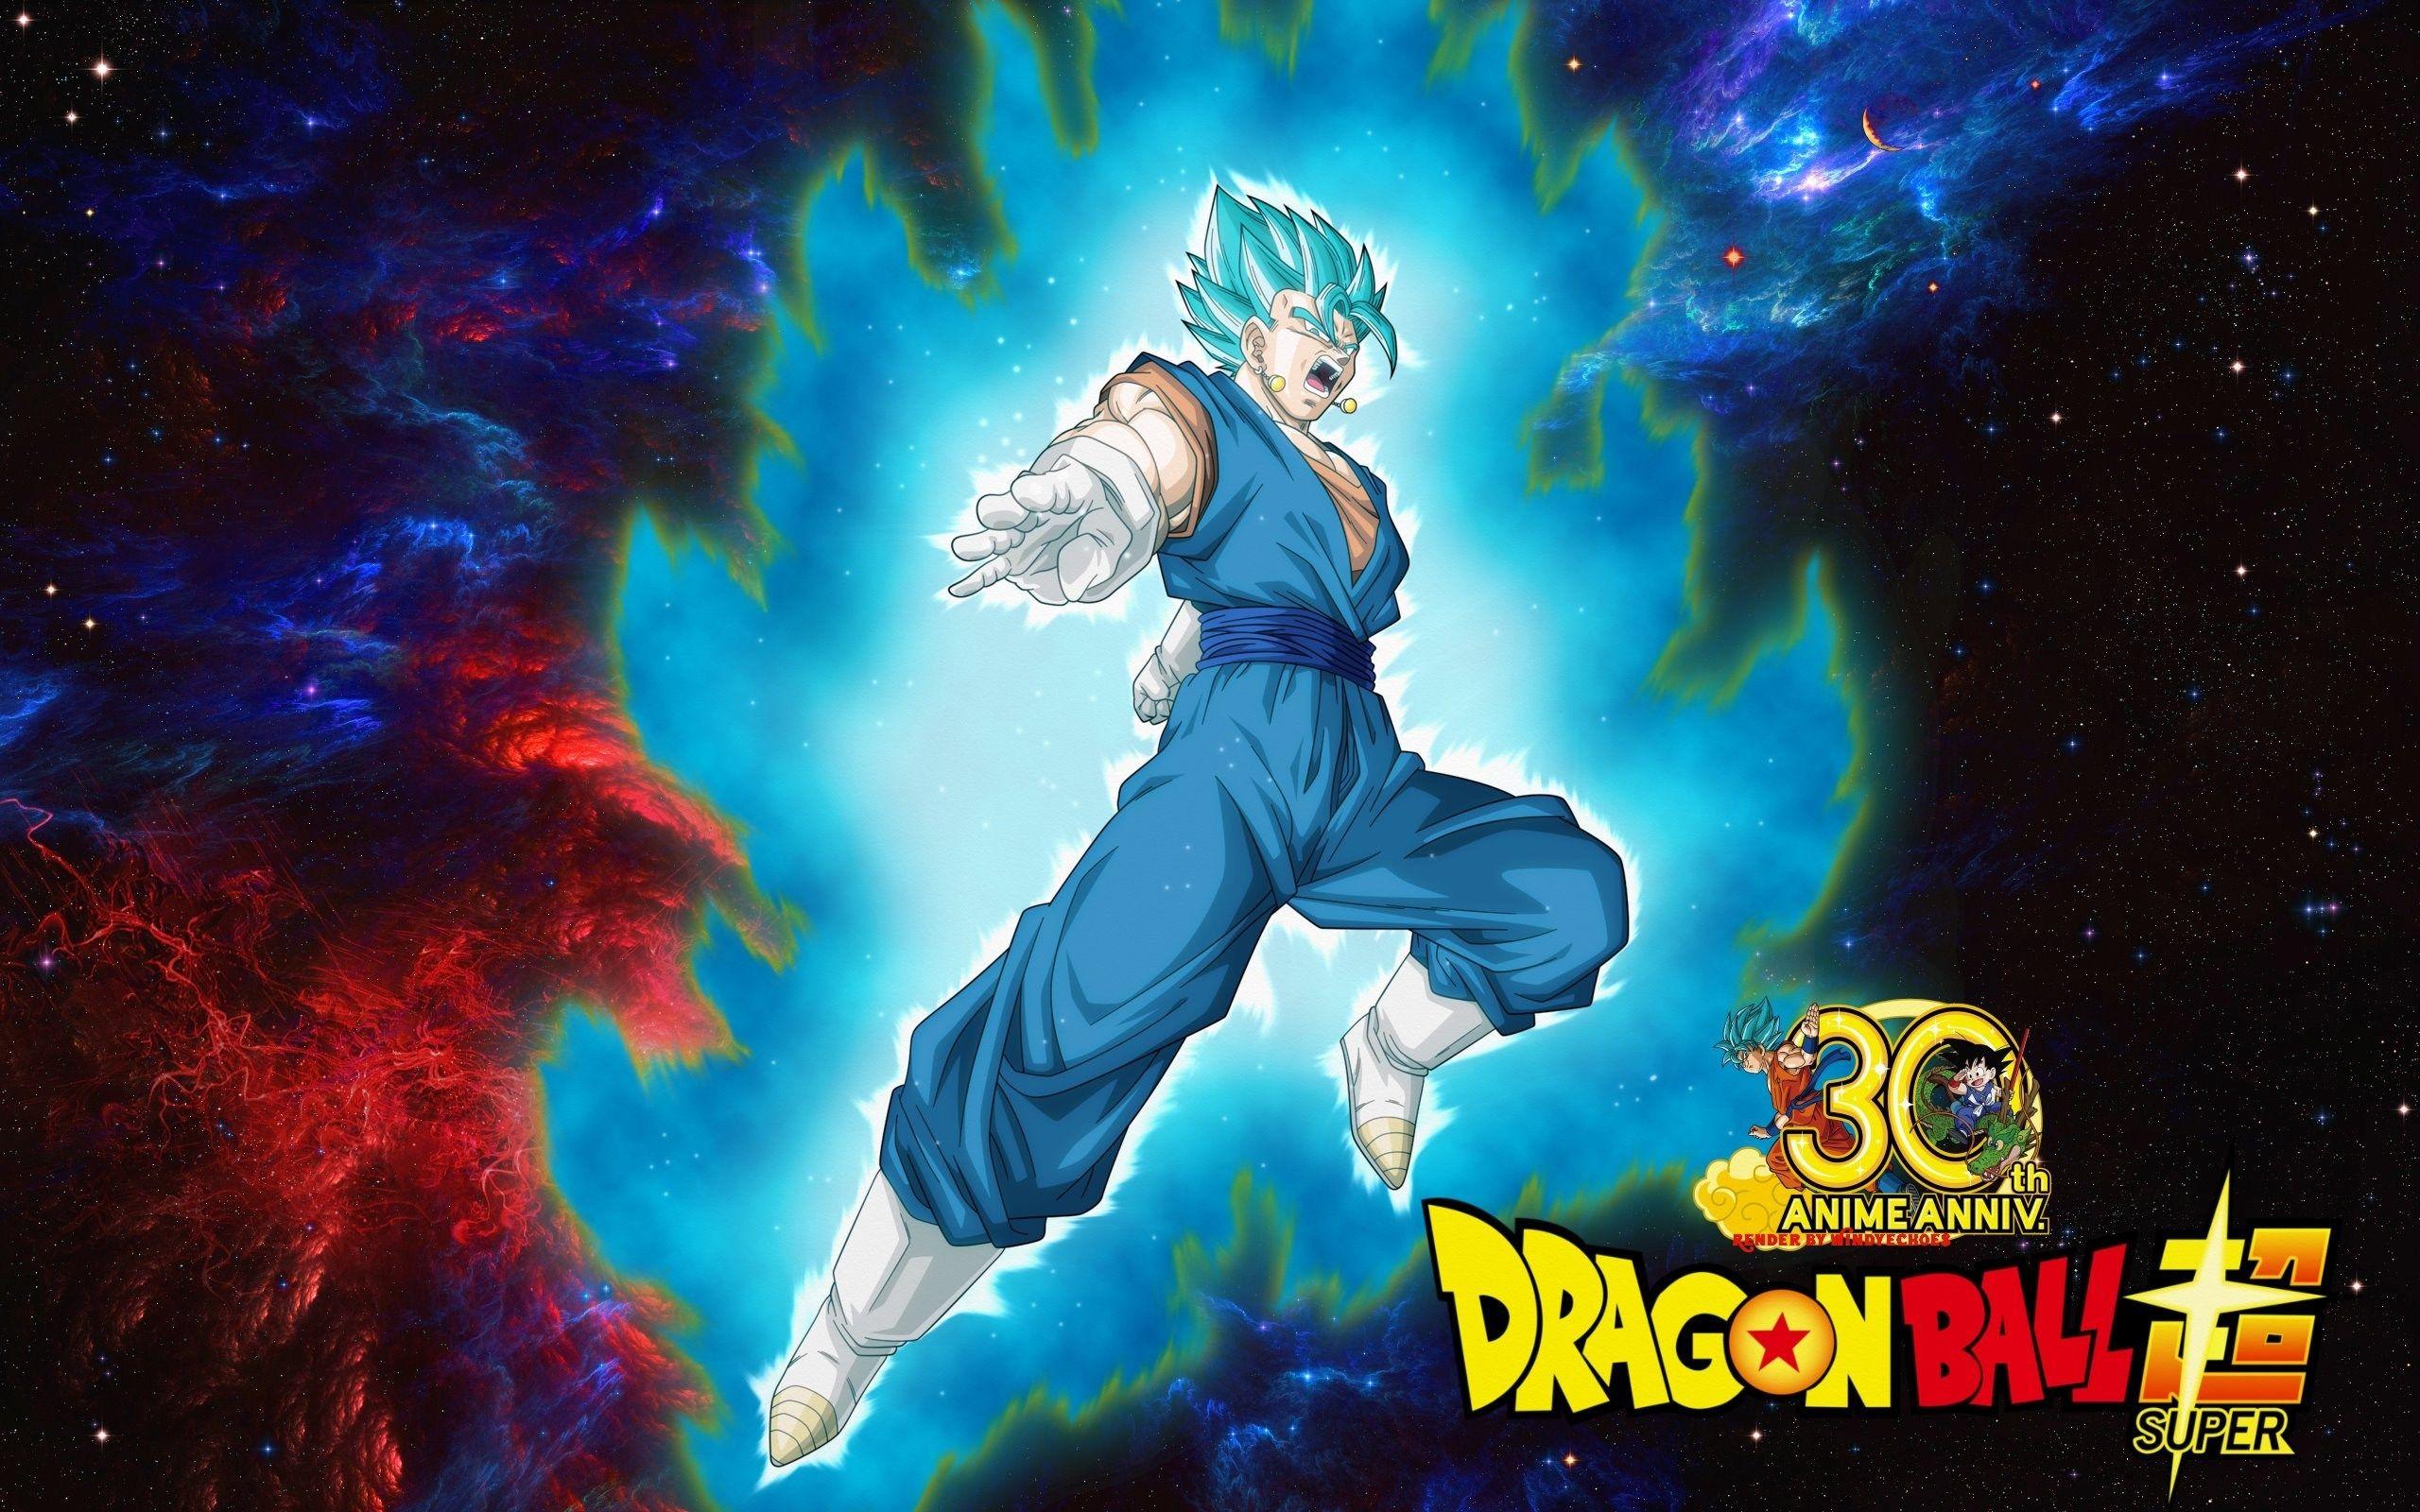 Vegito Wallpaper Hd 2021 Live Wallpaper Hd Blue Wallpapers Best Wallpaper Hd Dragon Ball Artwork Best of dragon ball live wallpaper for